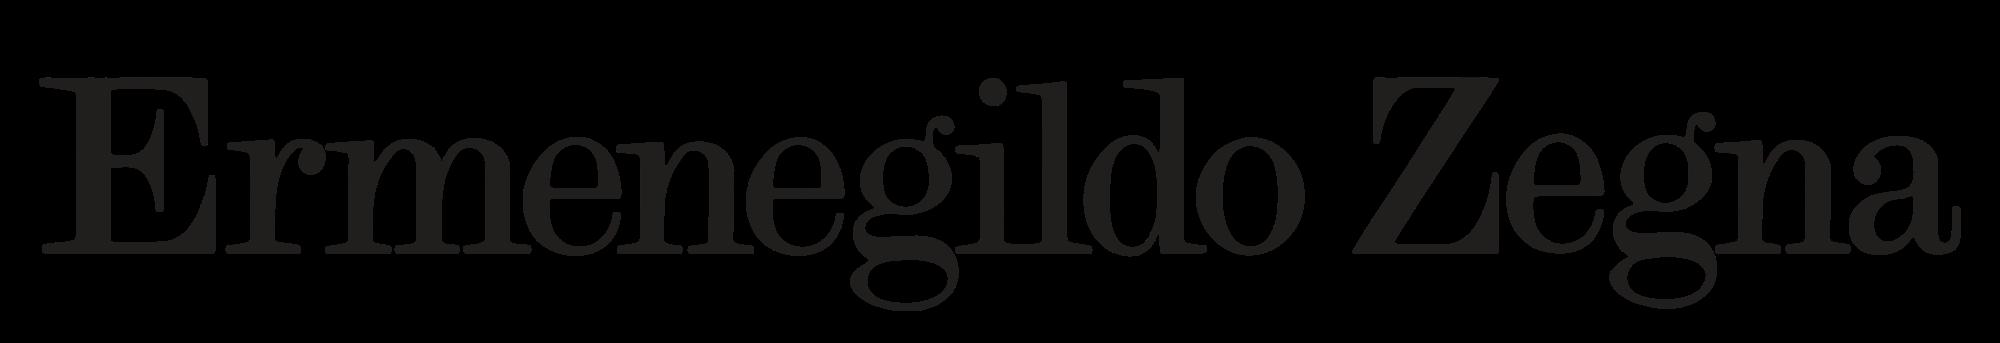 TRC+Ermenegildo_Zegna_Logo.png